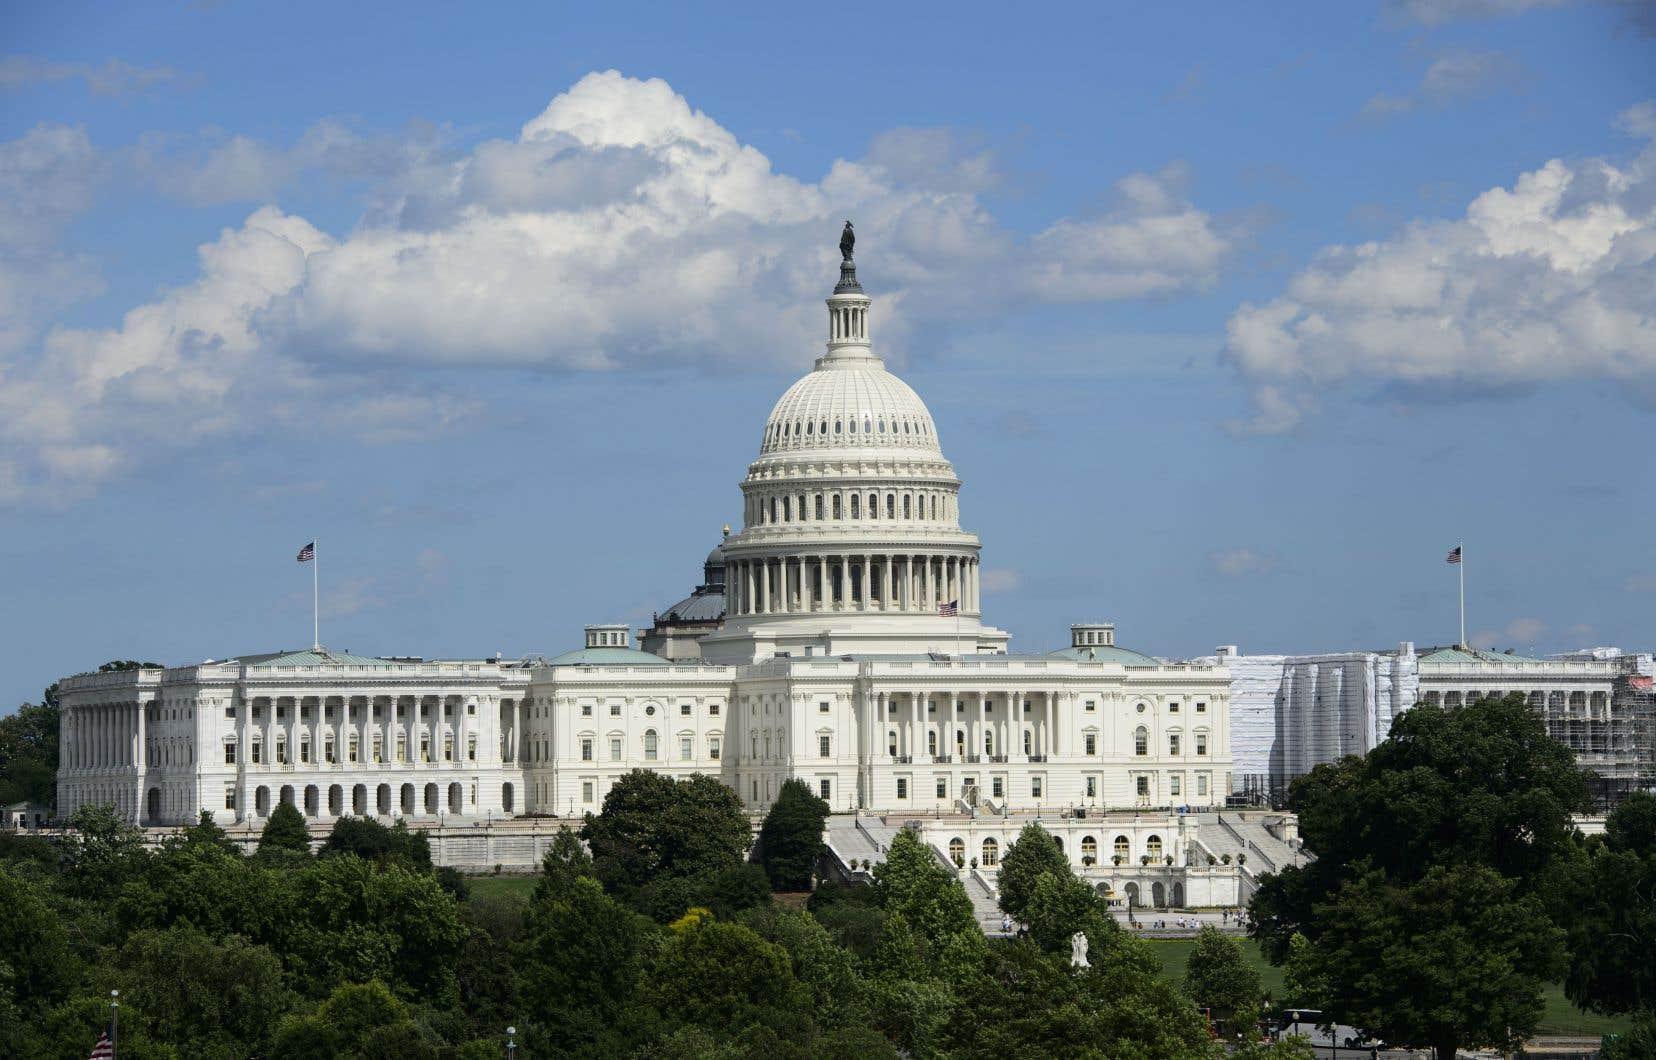 Les résolutions bloquant ces ventes d'armes sont déjà passées par le Sénat et doivent maintenant aller à la Maison-Blanche.